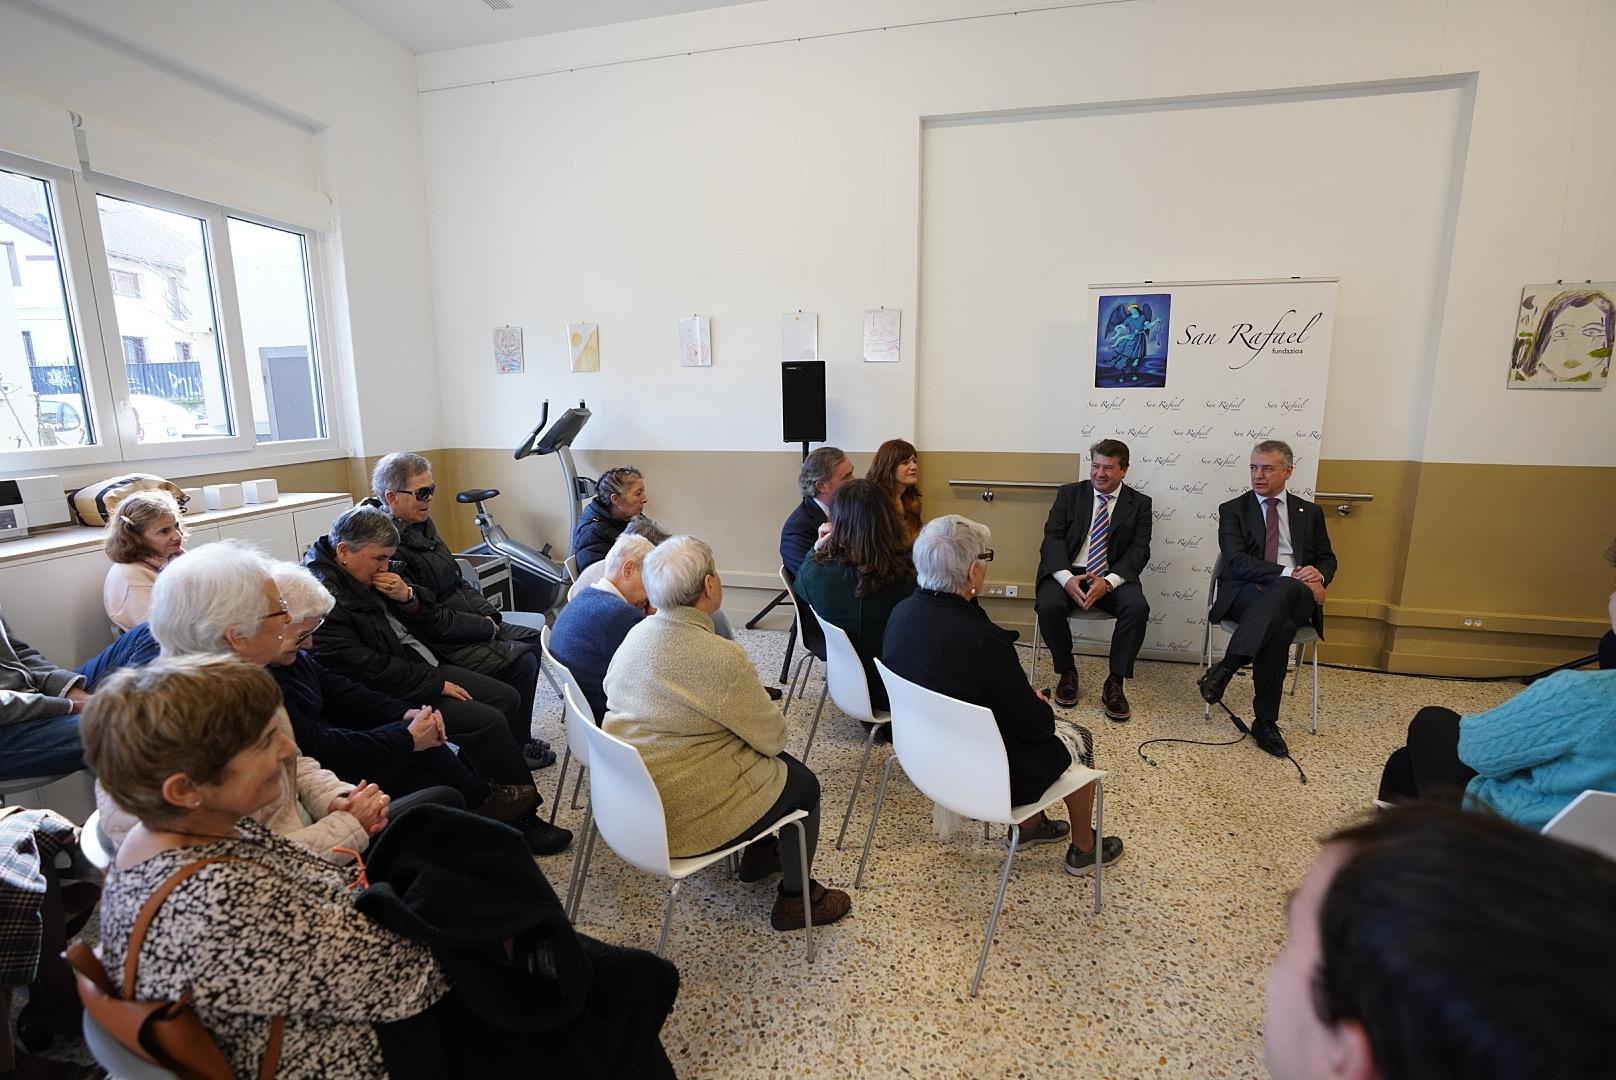 El Lehendakari agradece el servicio de la Fundación San Rafael a la sociedad